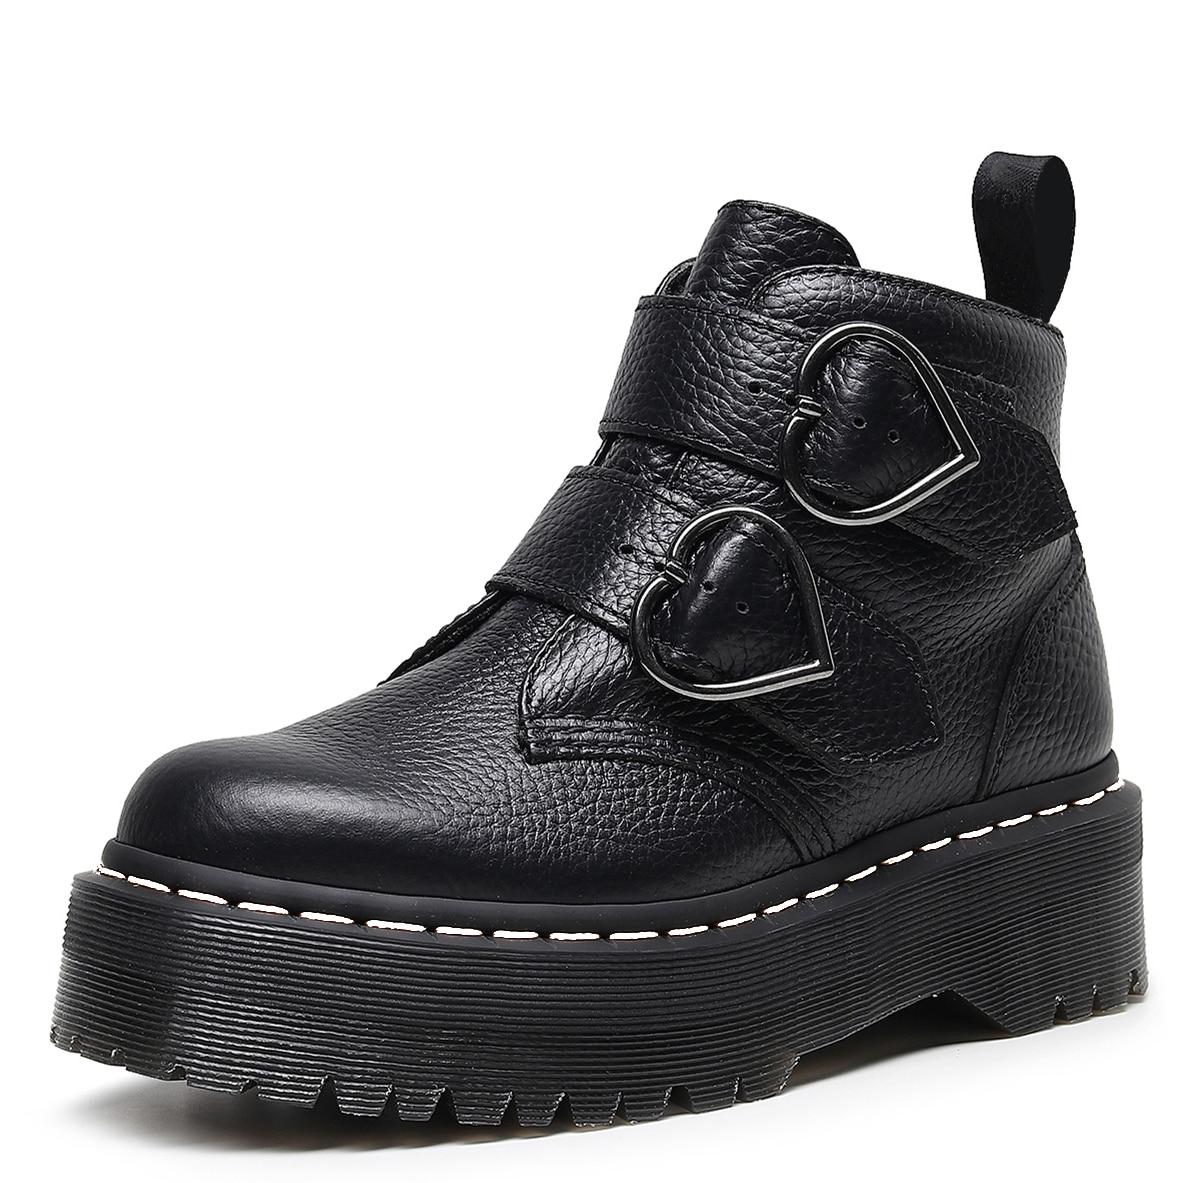 السيدات أحذية منصة عادية زيادة النساء حقيقية أحذية عالية الساق من الجلد الإناث دراجة نارية الشتاء الارتفاع حذاء من الجلد Zapatos دي Mujer